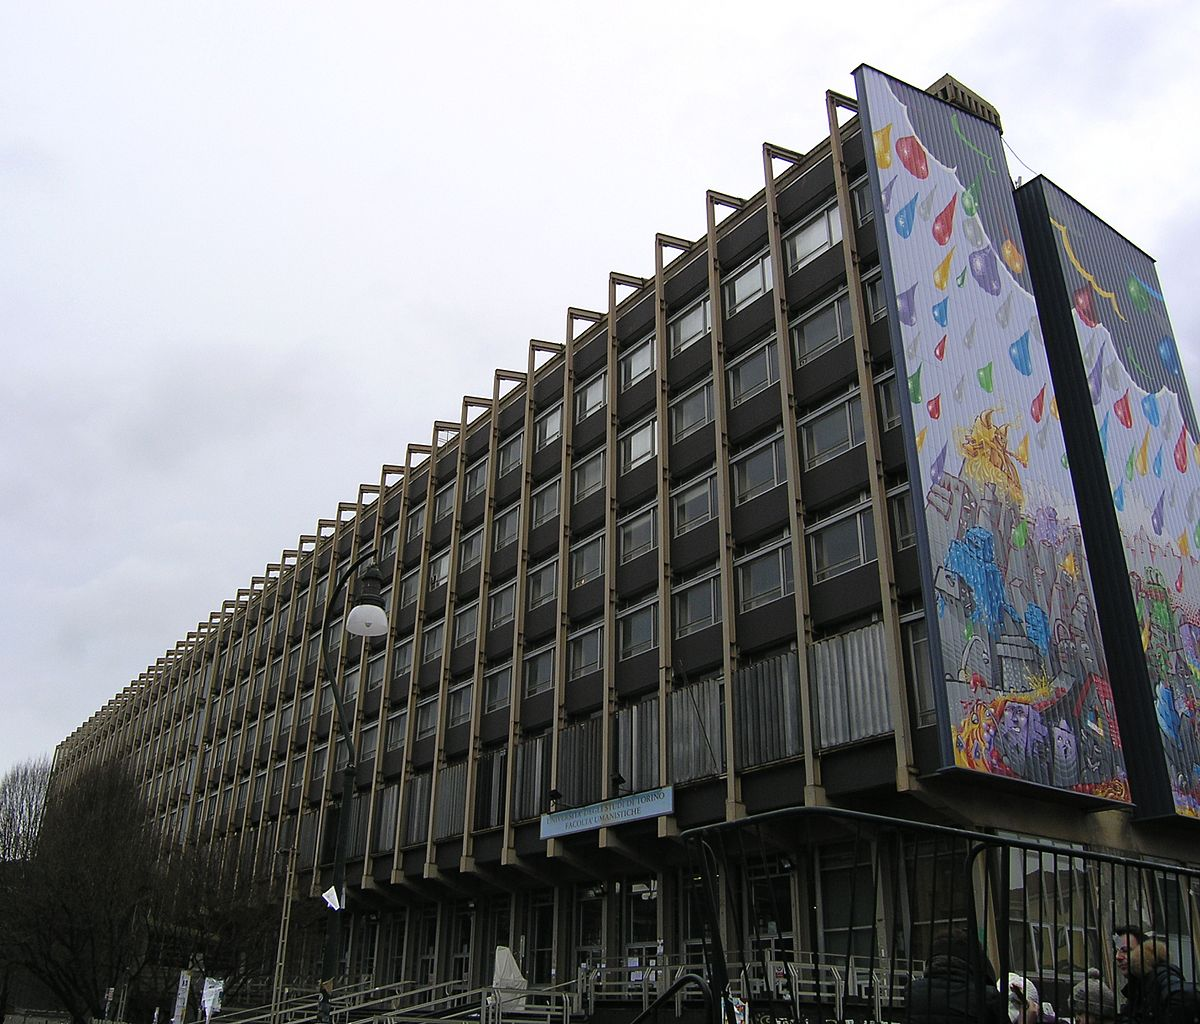 All'Università di Torino apre un supermercato: spazio anche per una banca e una palestra